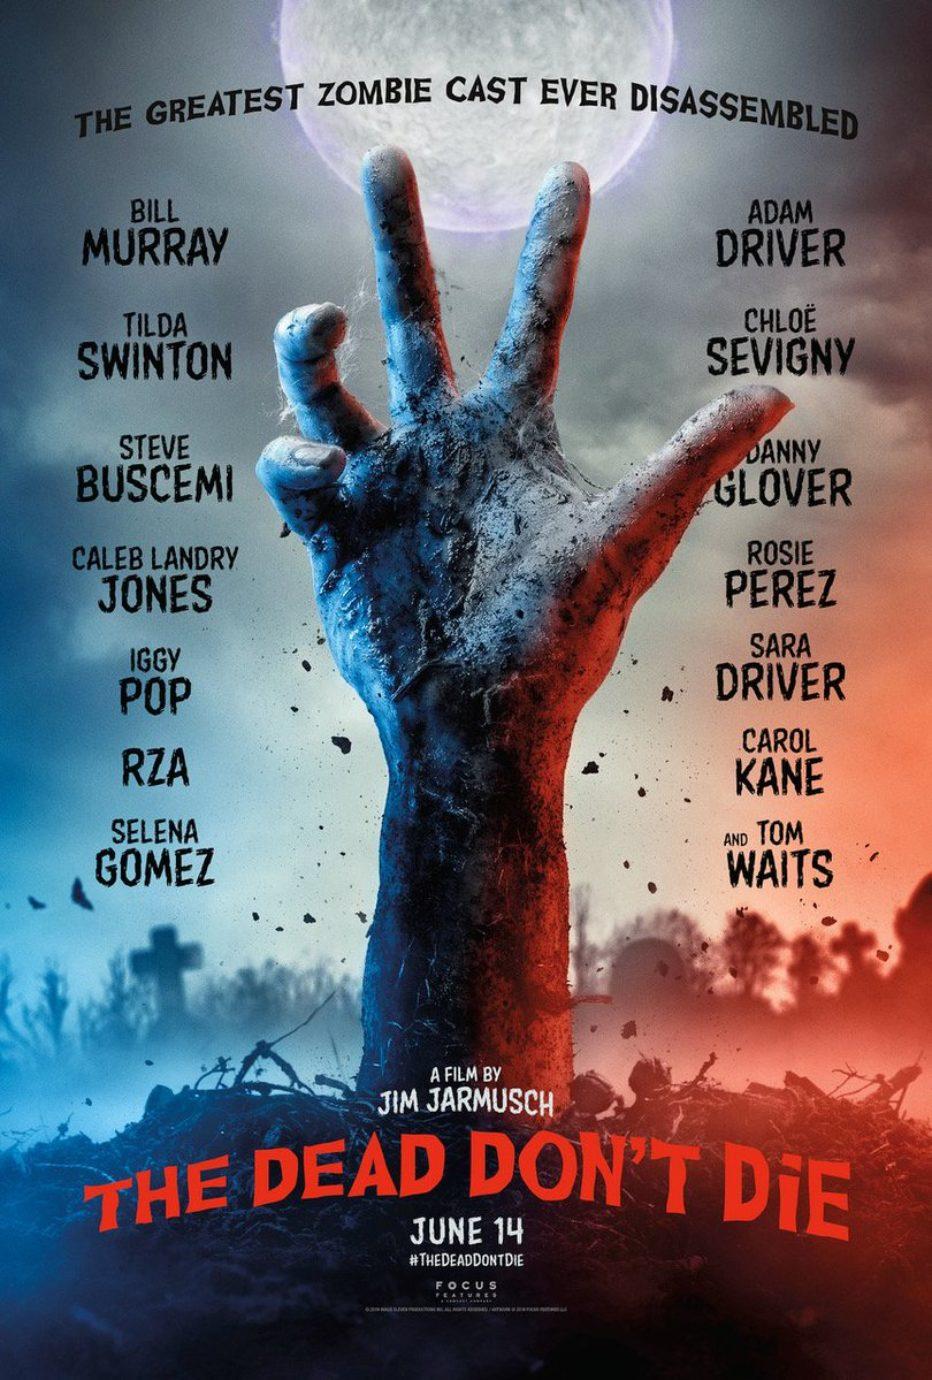 Primer trailer de The dead don't die de Jim Jarmusch